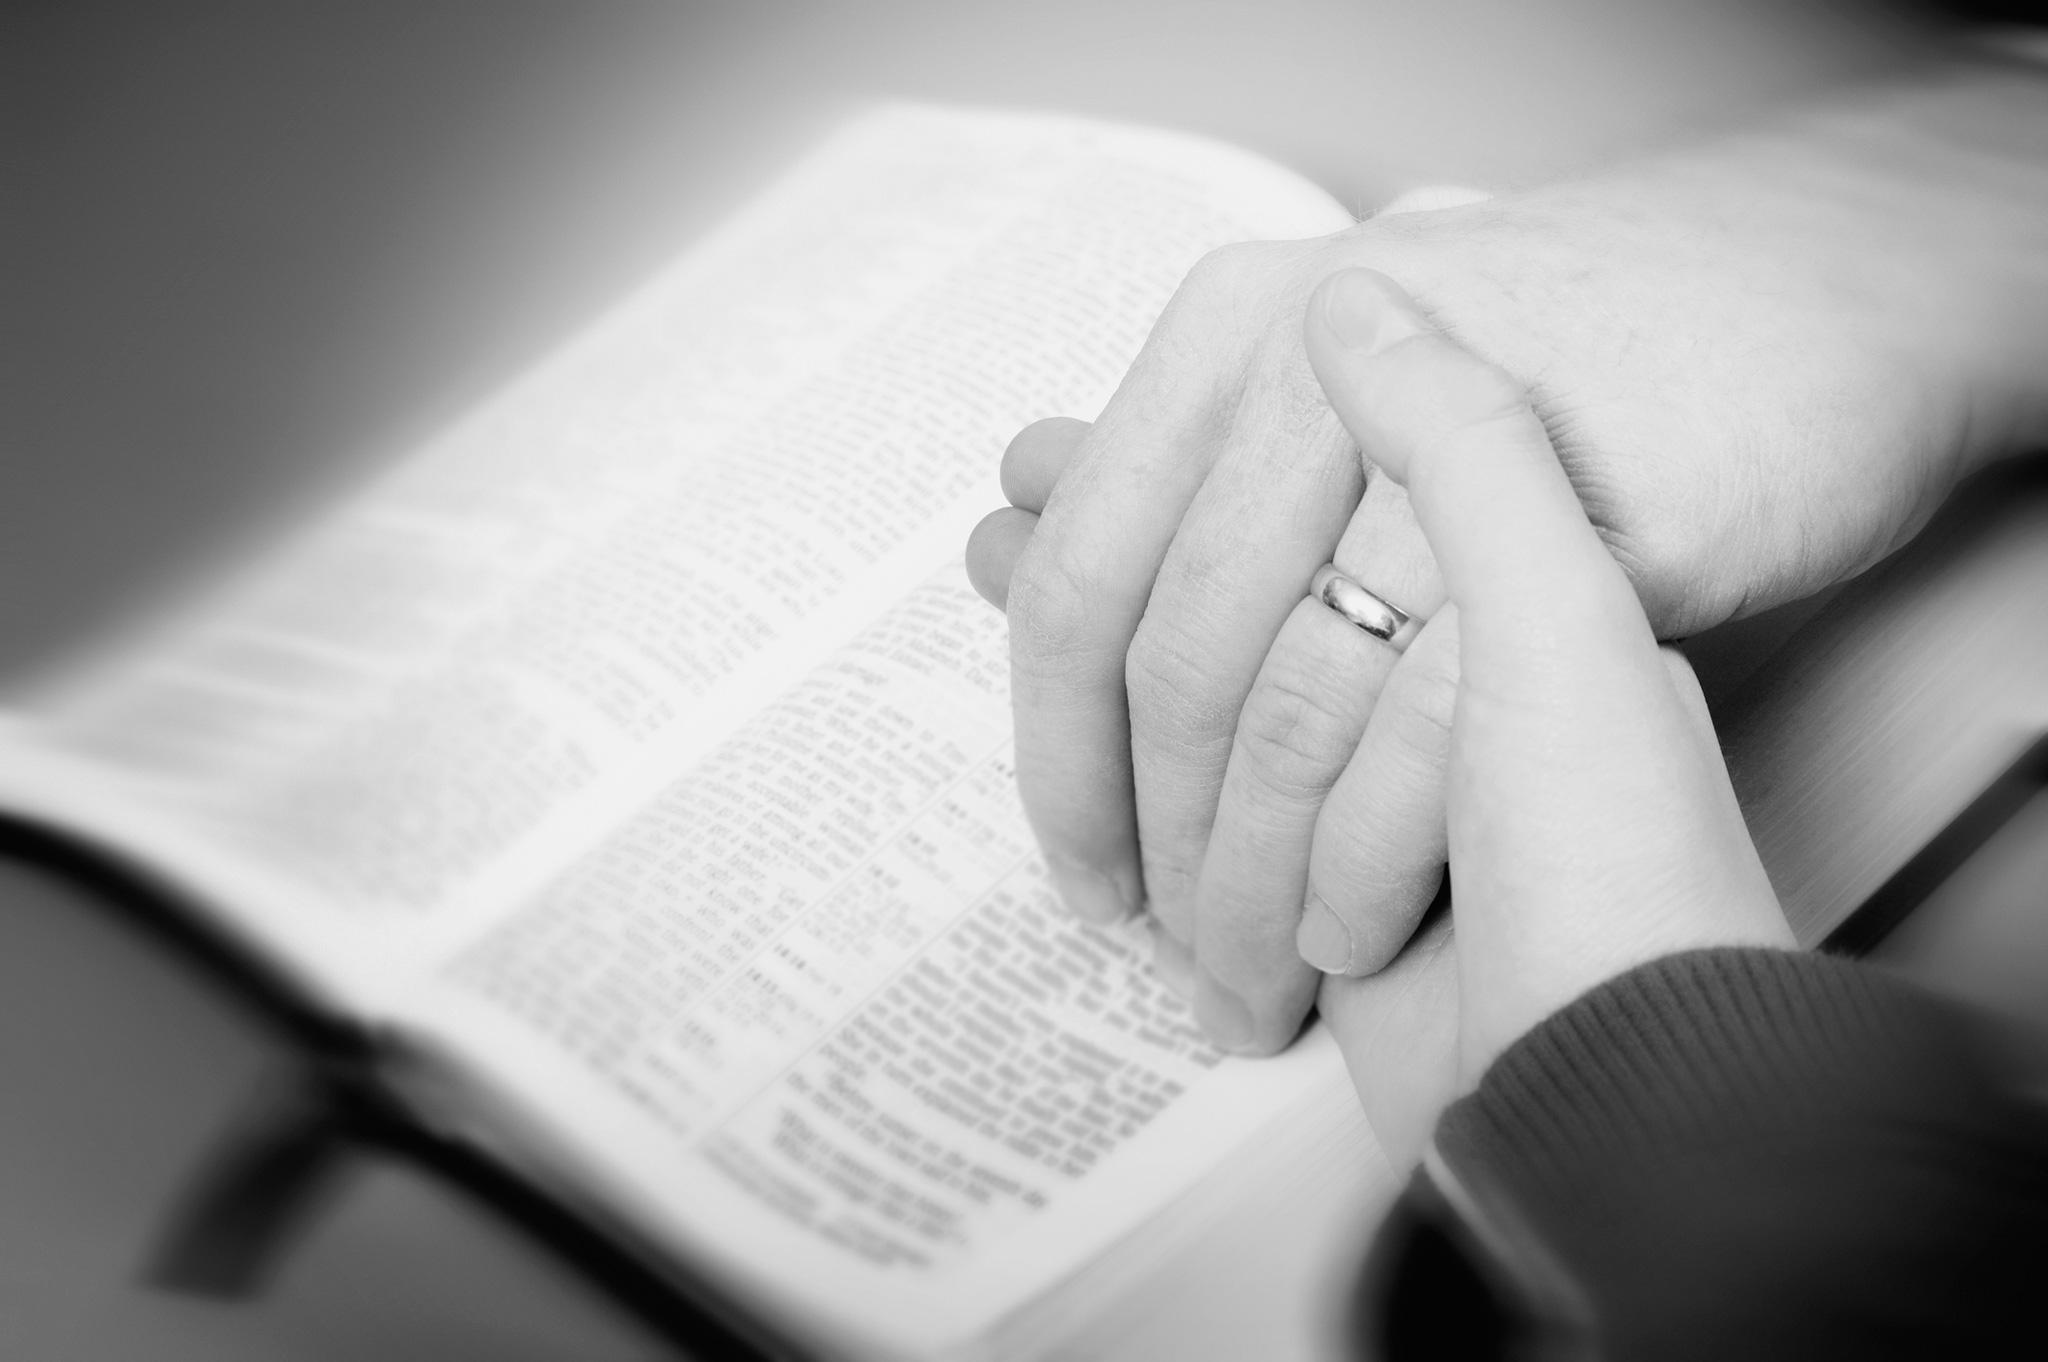 Matrimonio En La Biblia Cristiana : Bendiciones bíblicas para los esposos bible